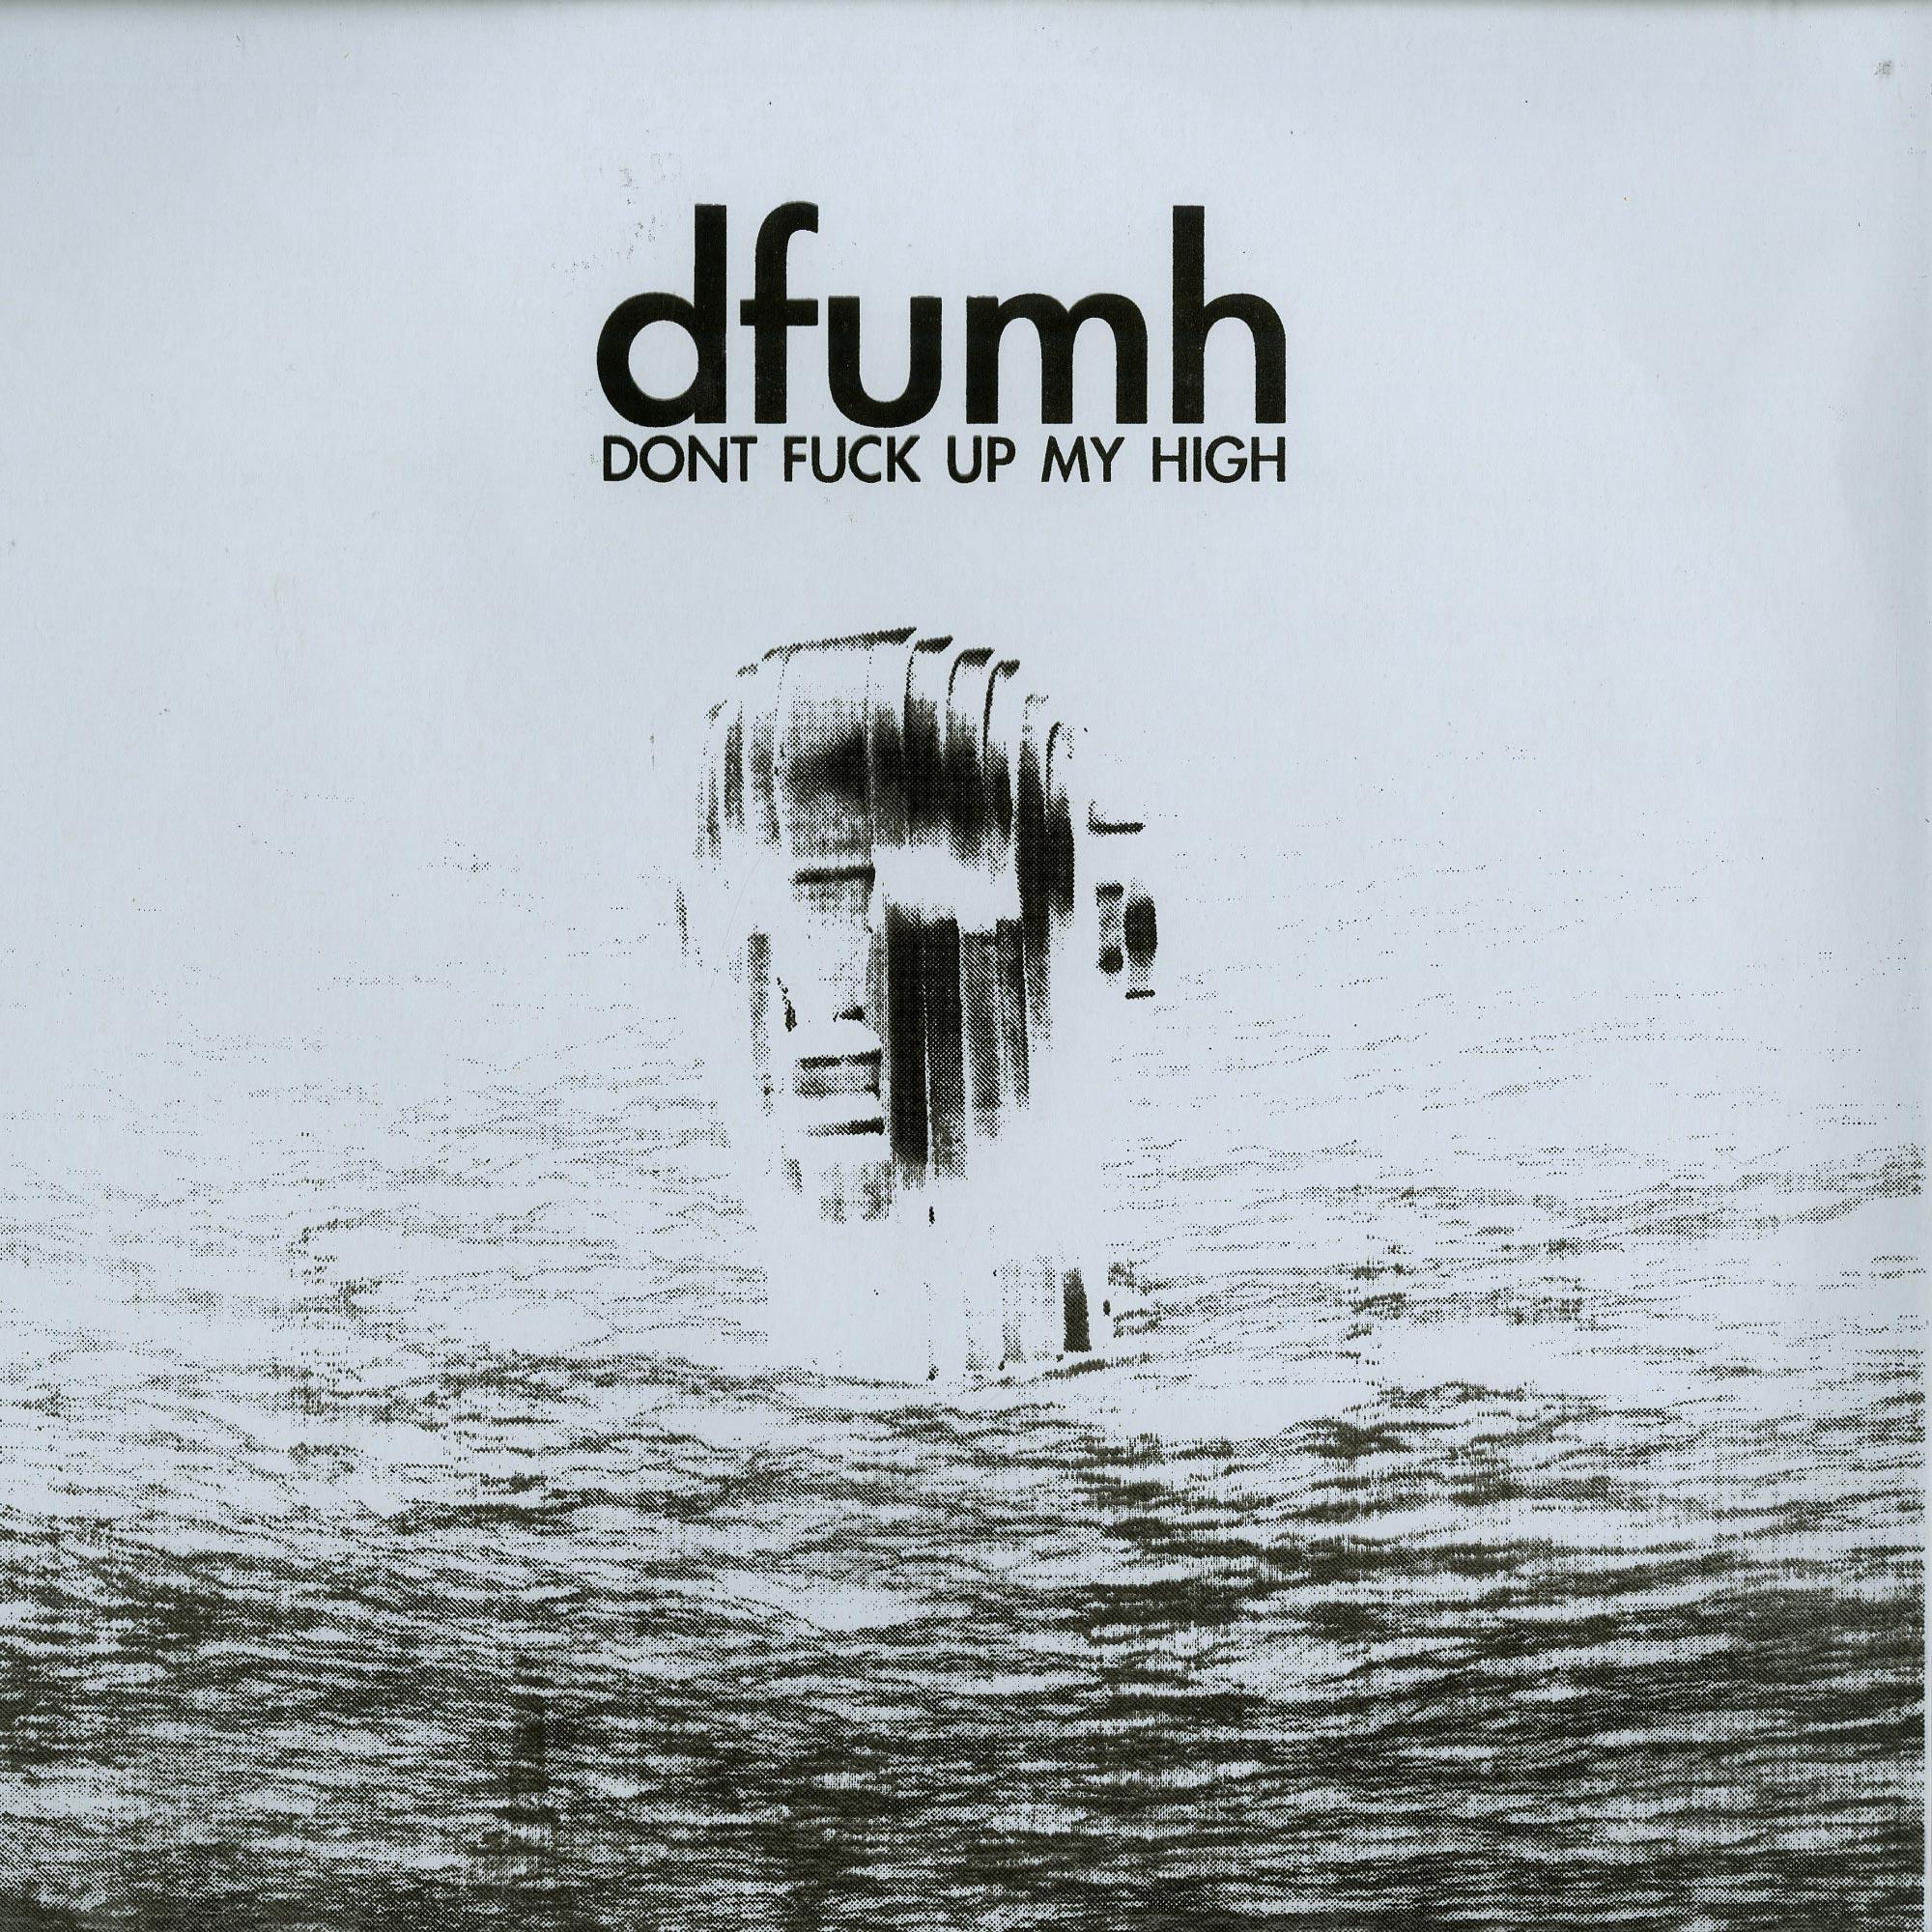 HAARP - DFUMH